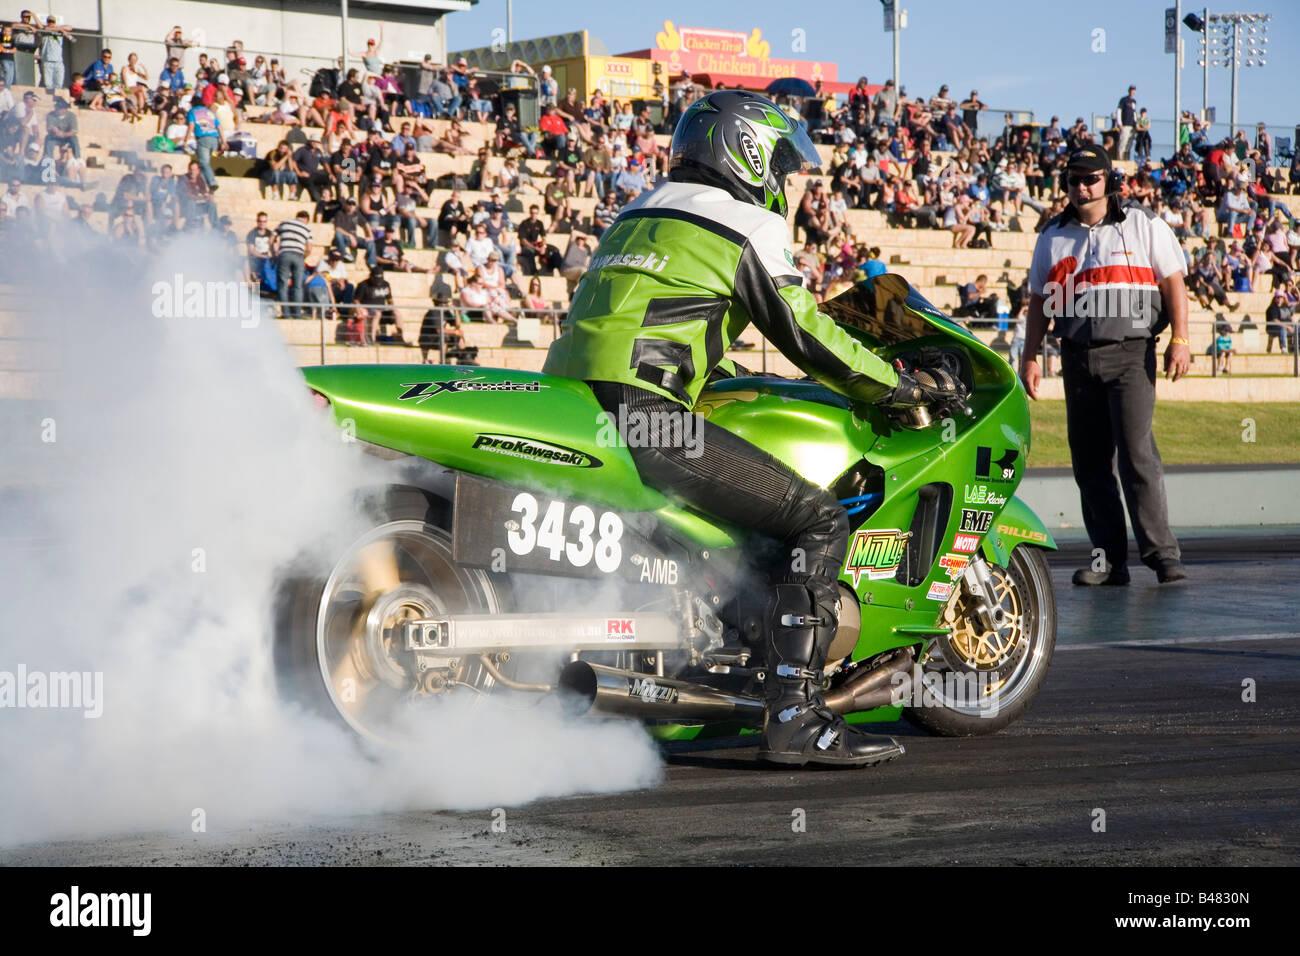 Une moto de course Kawasaki effectue un burnout pour réchauffer le pneu arrière avant la course sur le Photo Stock